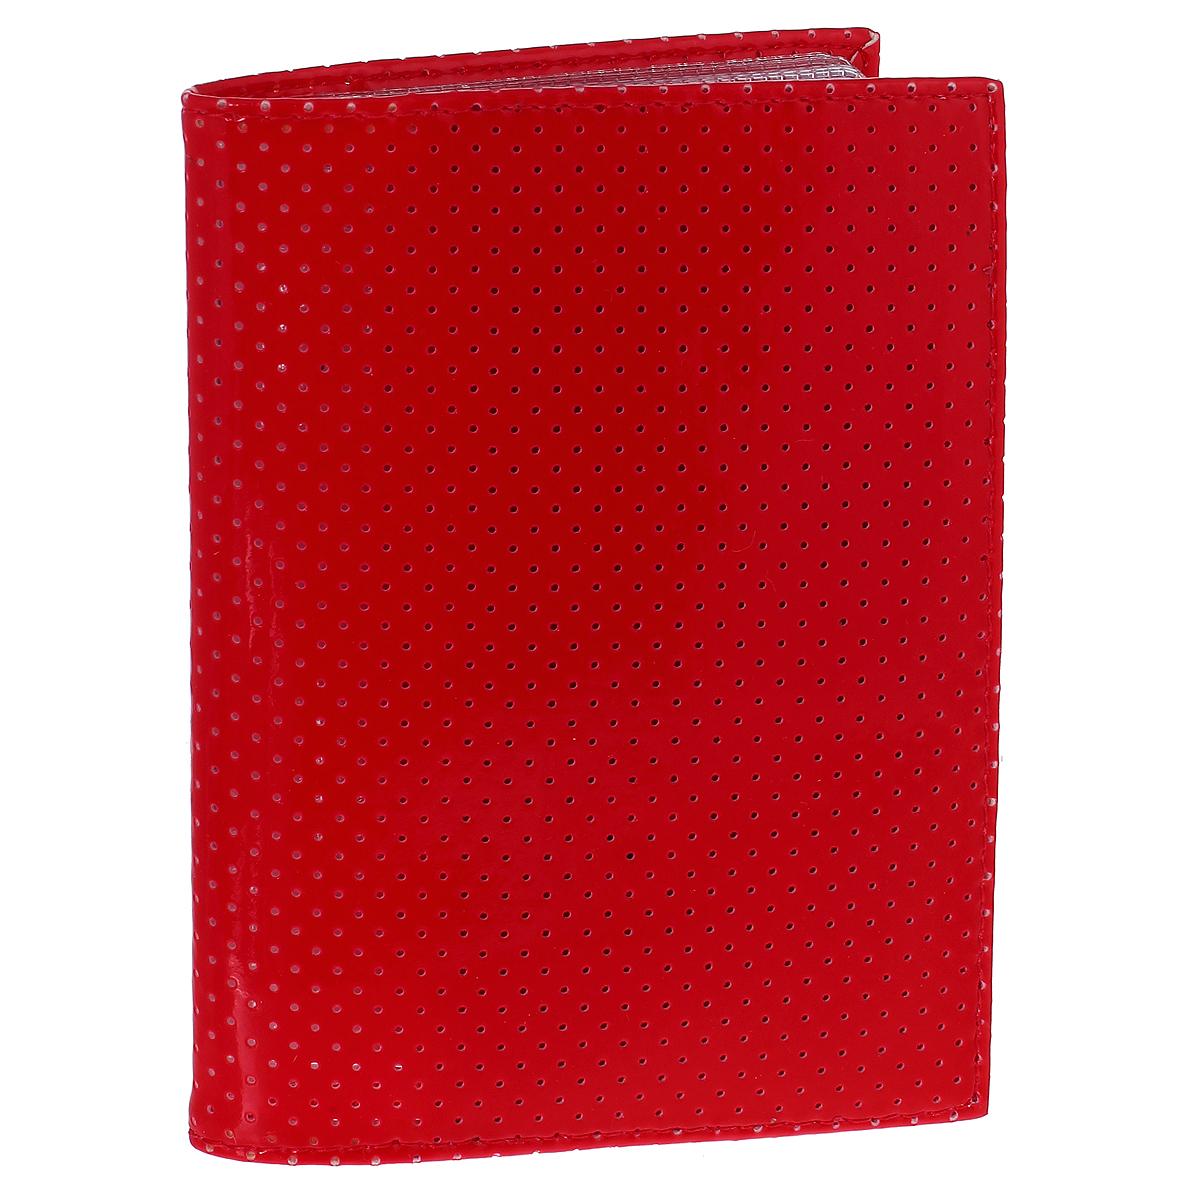 Бумажник водителя Dimanche, цвет: красный. 229/10EQW-M710DB-1A1Бумажник водителя Dimanche изготовлен из искусственной лакированной кожи красного цвета, оформленной мелкой перфорацией. Внутри содержится съемный блок из пяти прозрачных пластиковых файлов. Также имеется четыре кармашка для пластиковых карт и гнездо для сим-карты. Стильный бумажник не только поможет сохранить внешний вид ваших документов и защити их от грязи и пыли, но и станет стильным аксессуаром, идеально подходящим вашему образу.